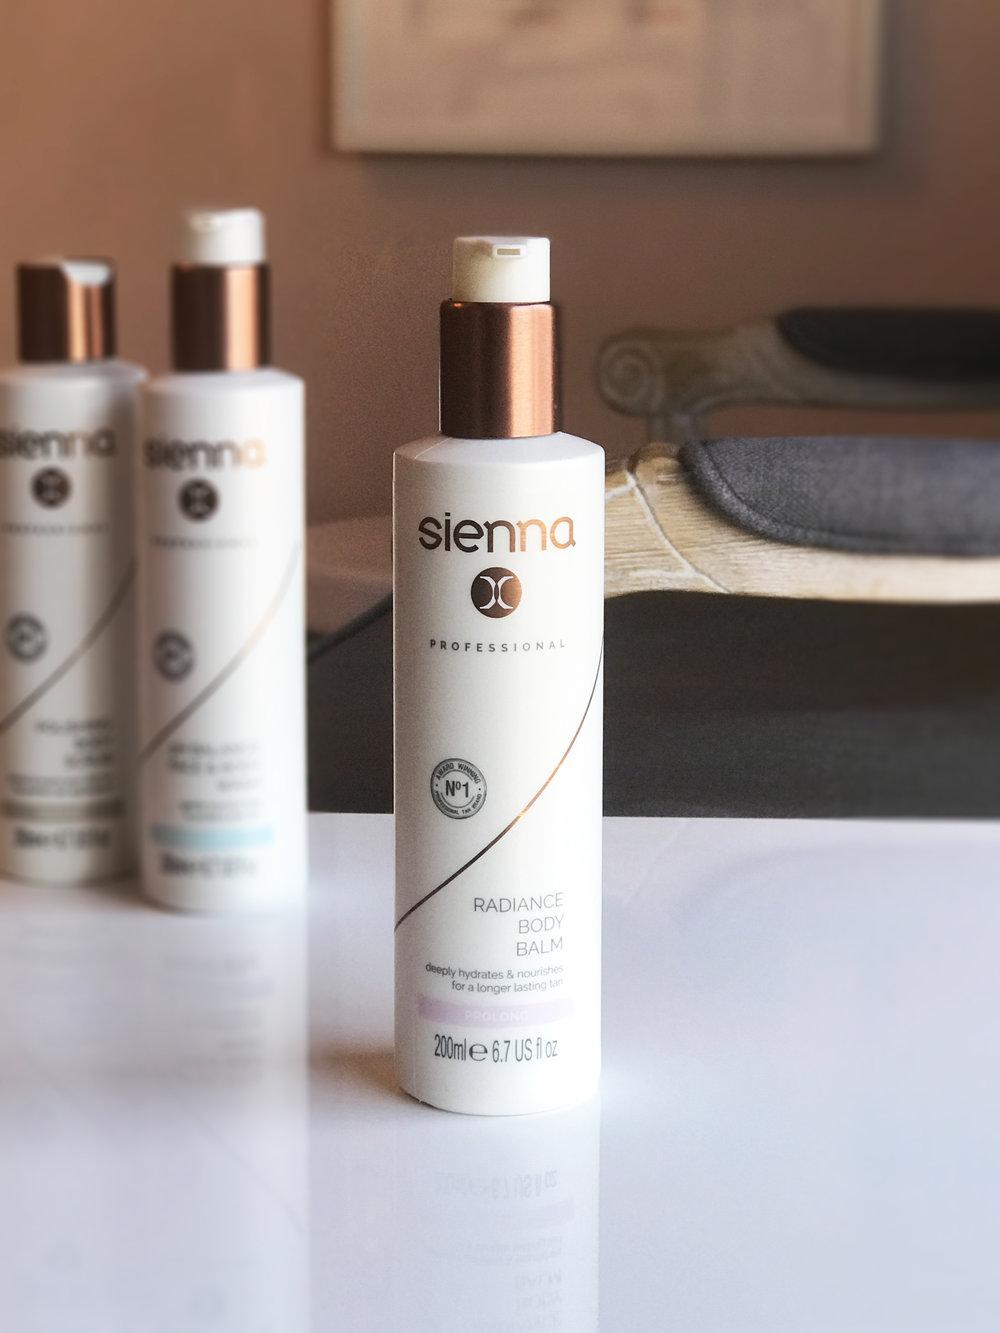 Sienna X Radiance Body Balm